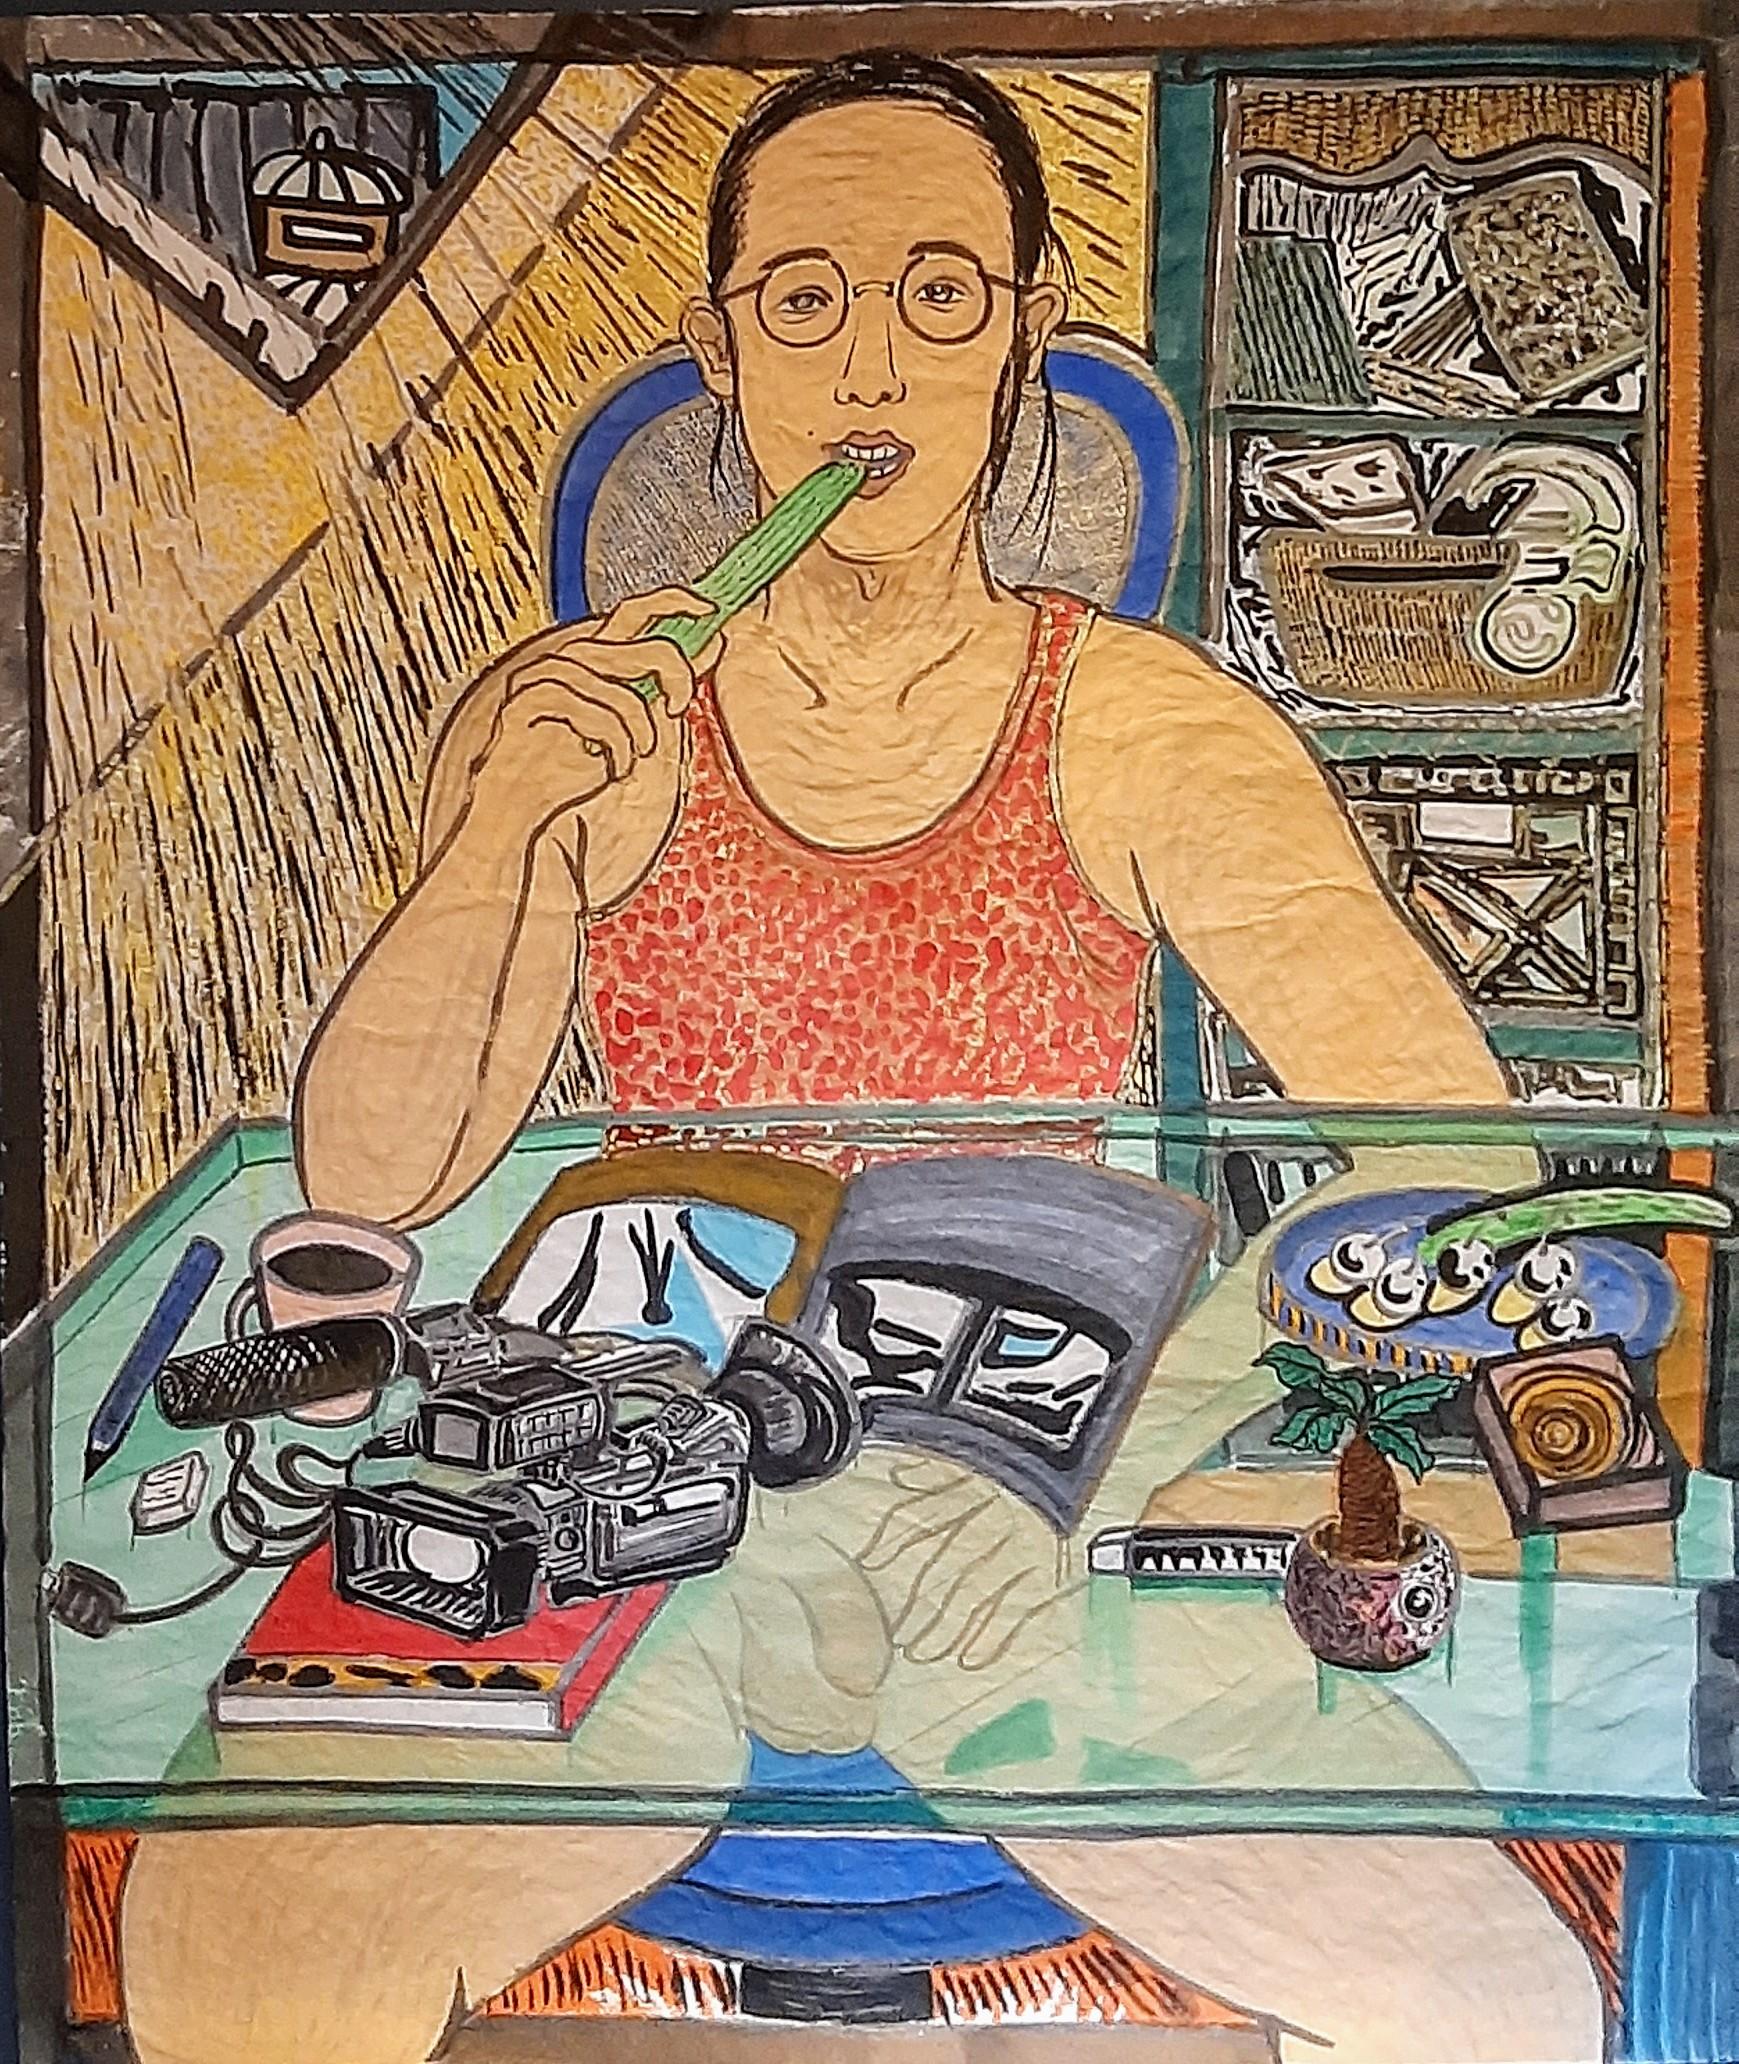 03 Mannen og hjemmekontoren hans, 157cmx134cm papir og vann-besert pigment